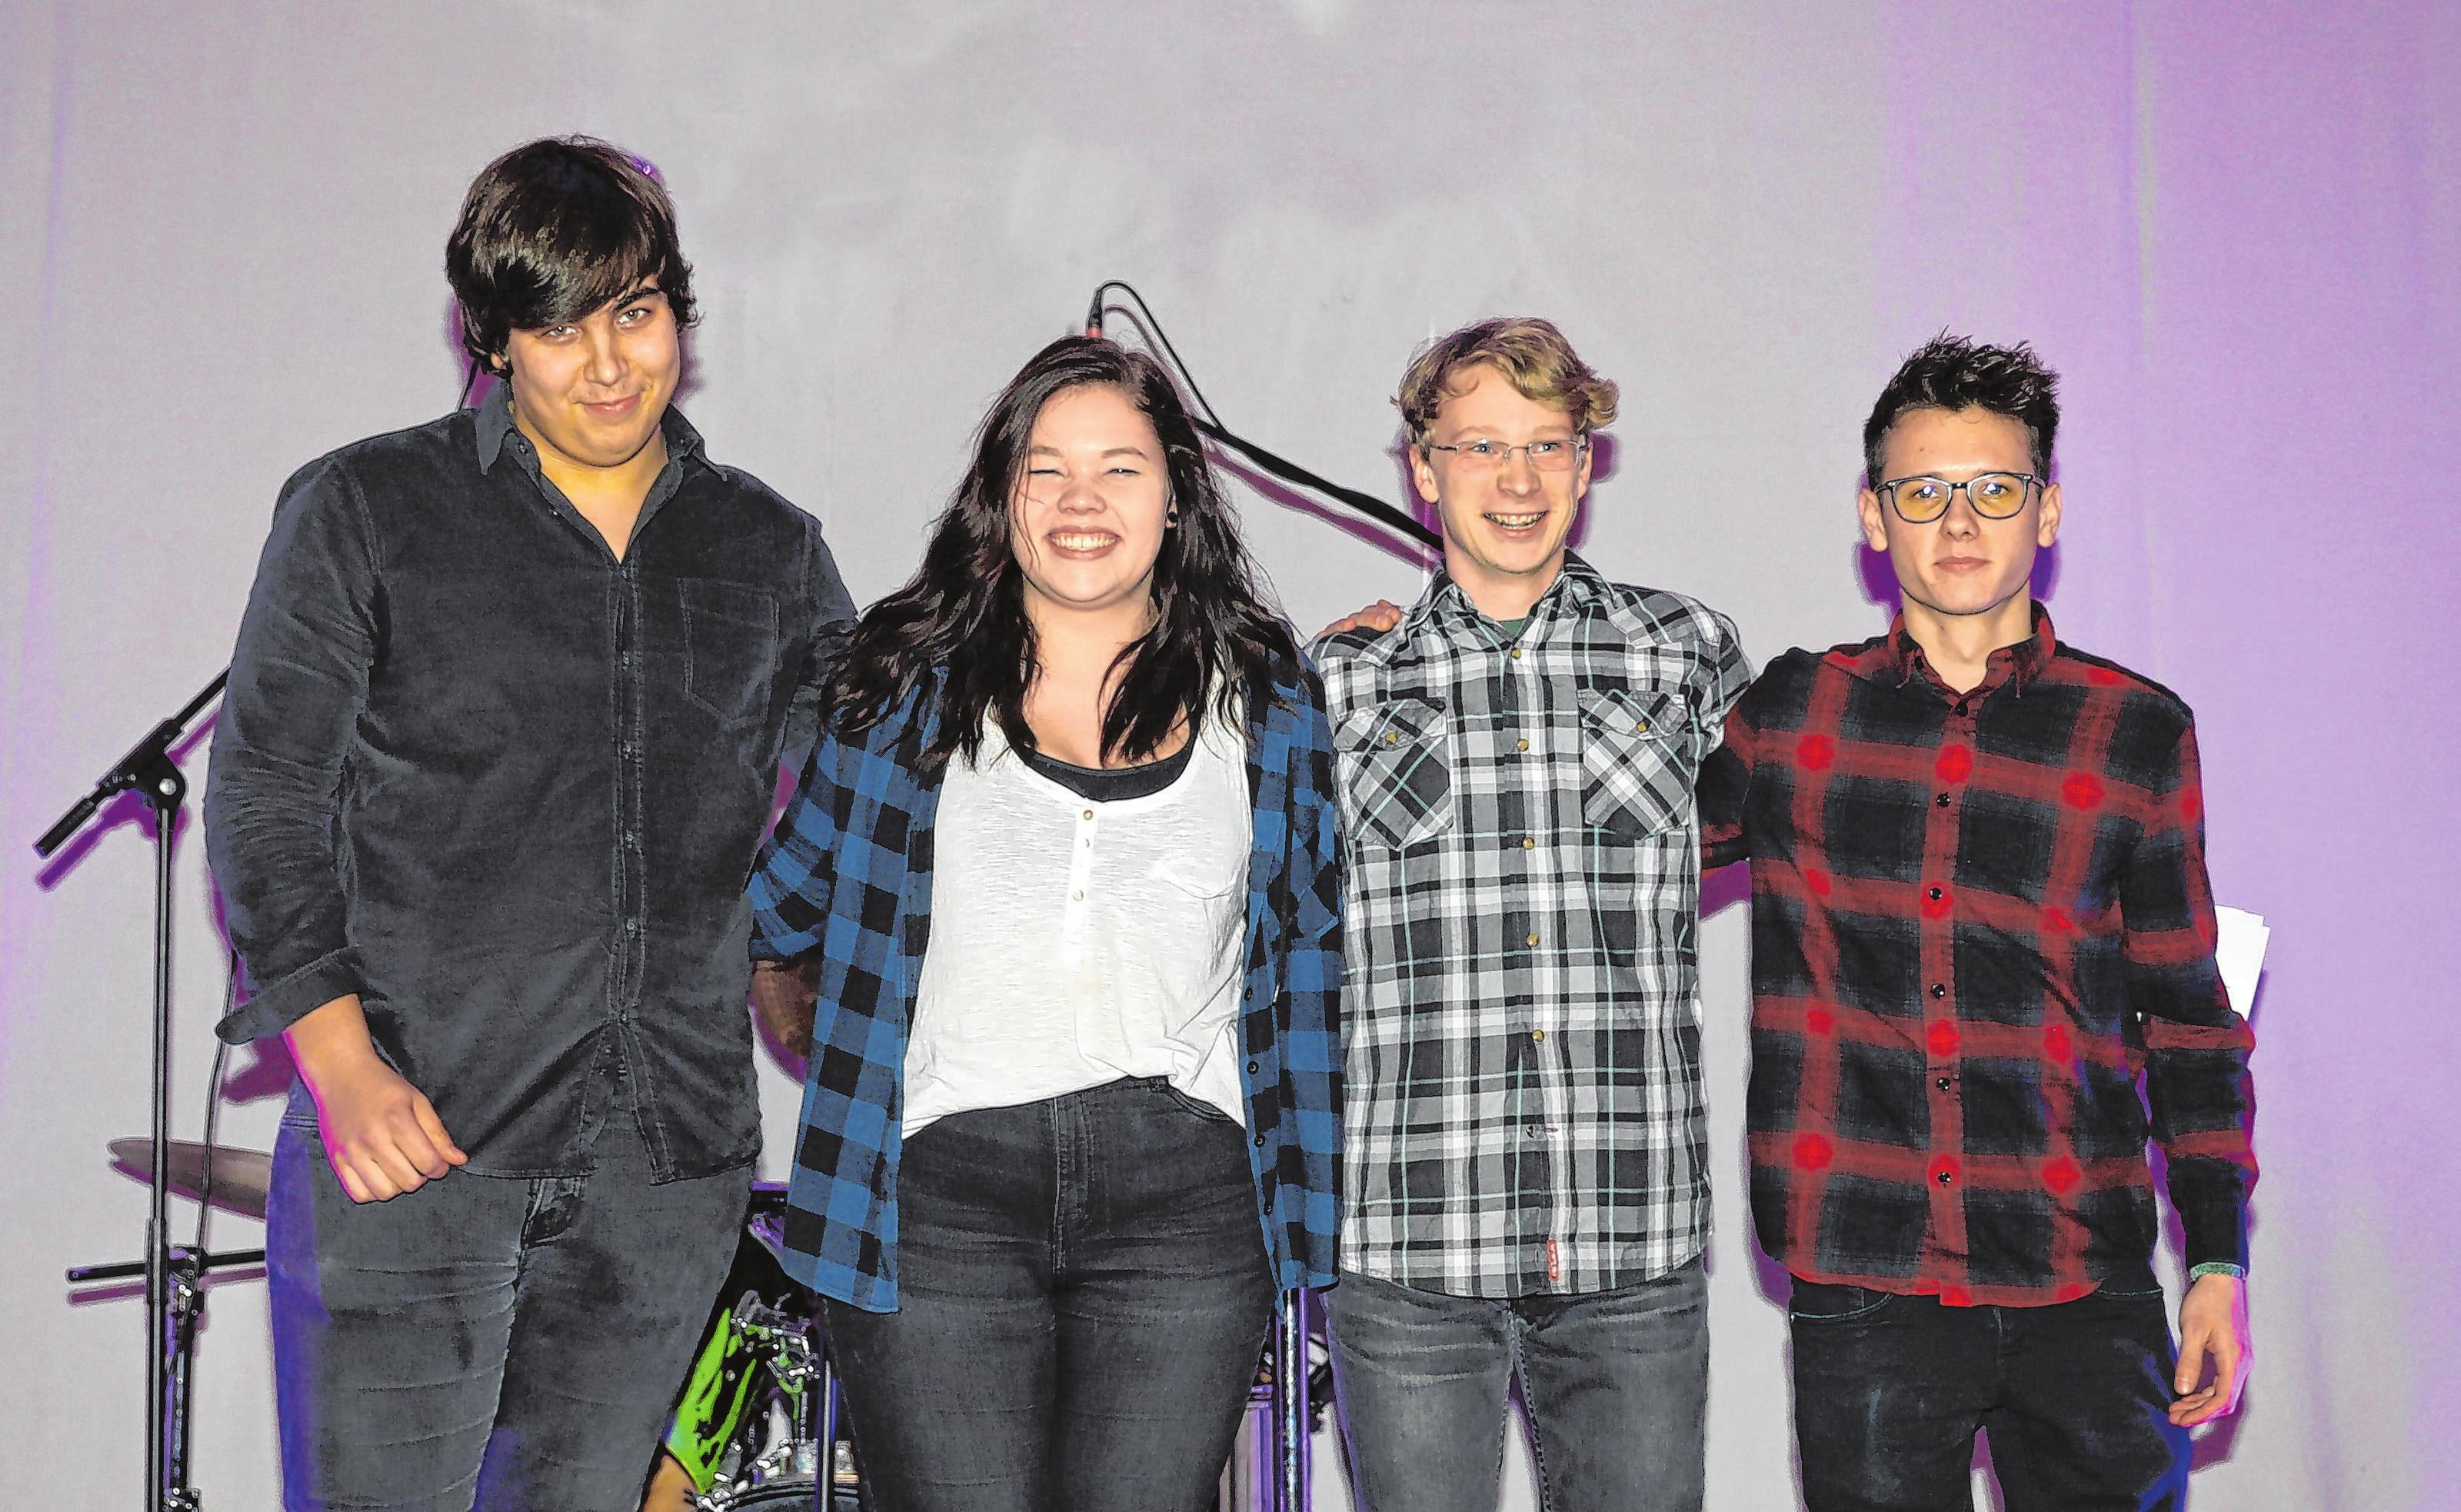 Rathenower Band Trip-T mit Gast-Sängerin Josie Wilke eröffnen das Programm auf der Jugendbühne am August-Bebel-Platz.